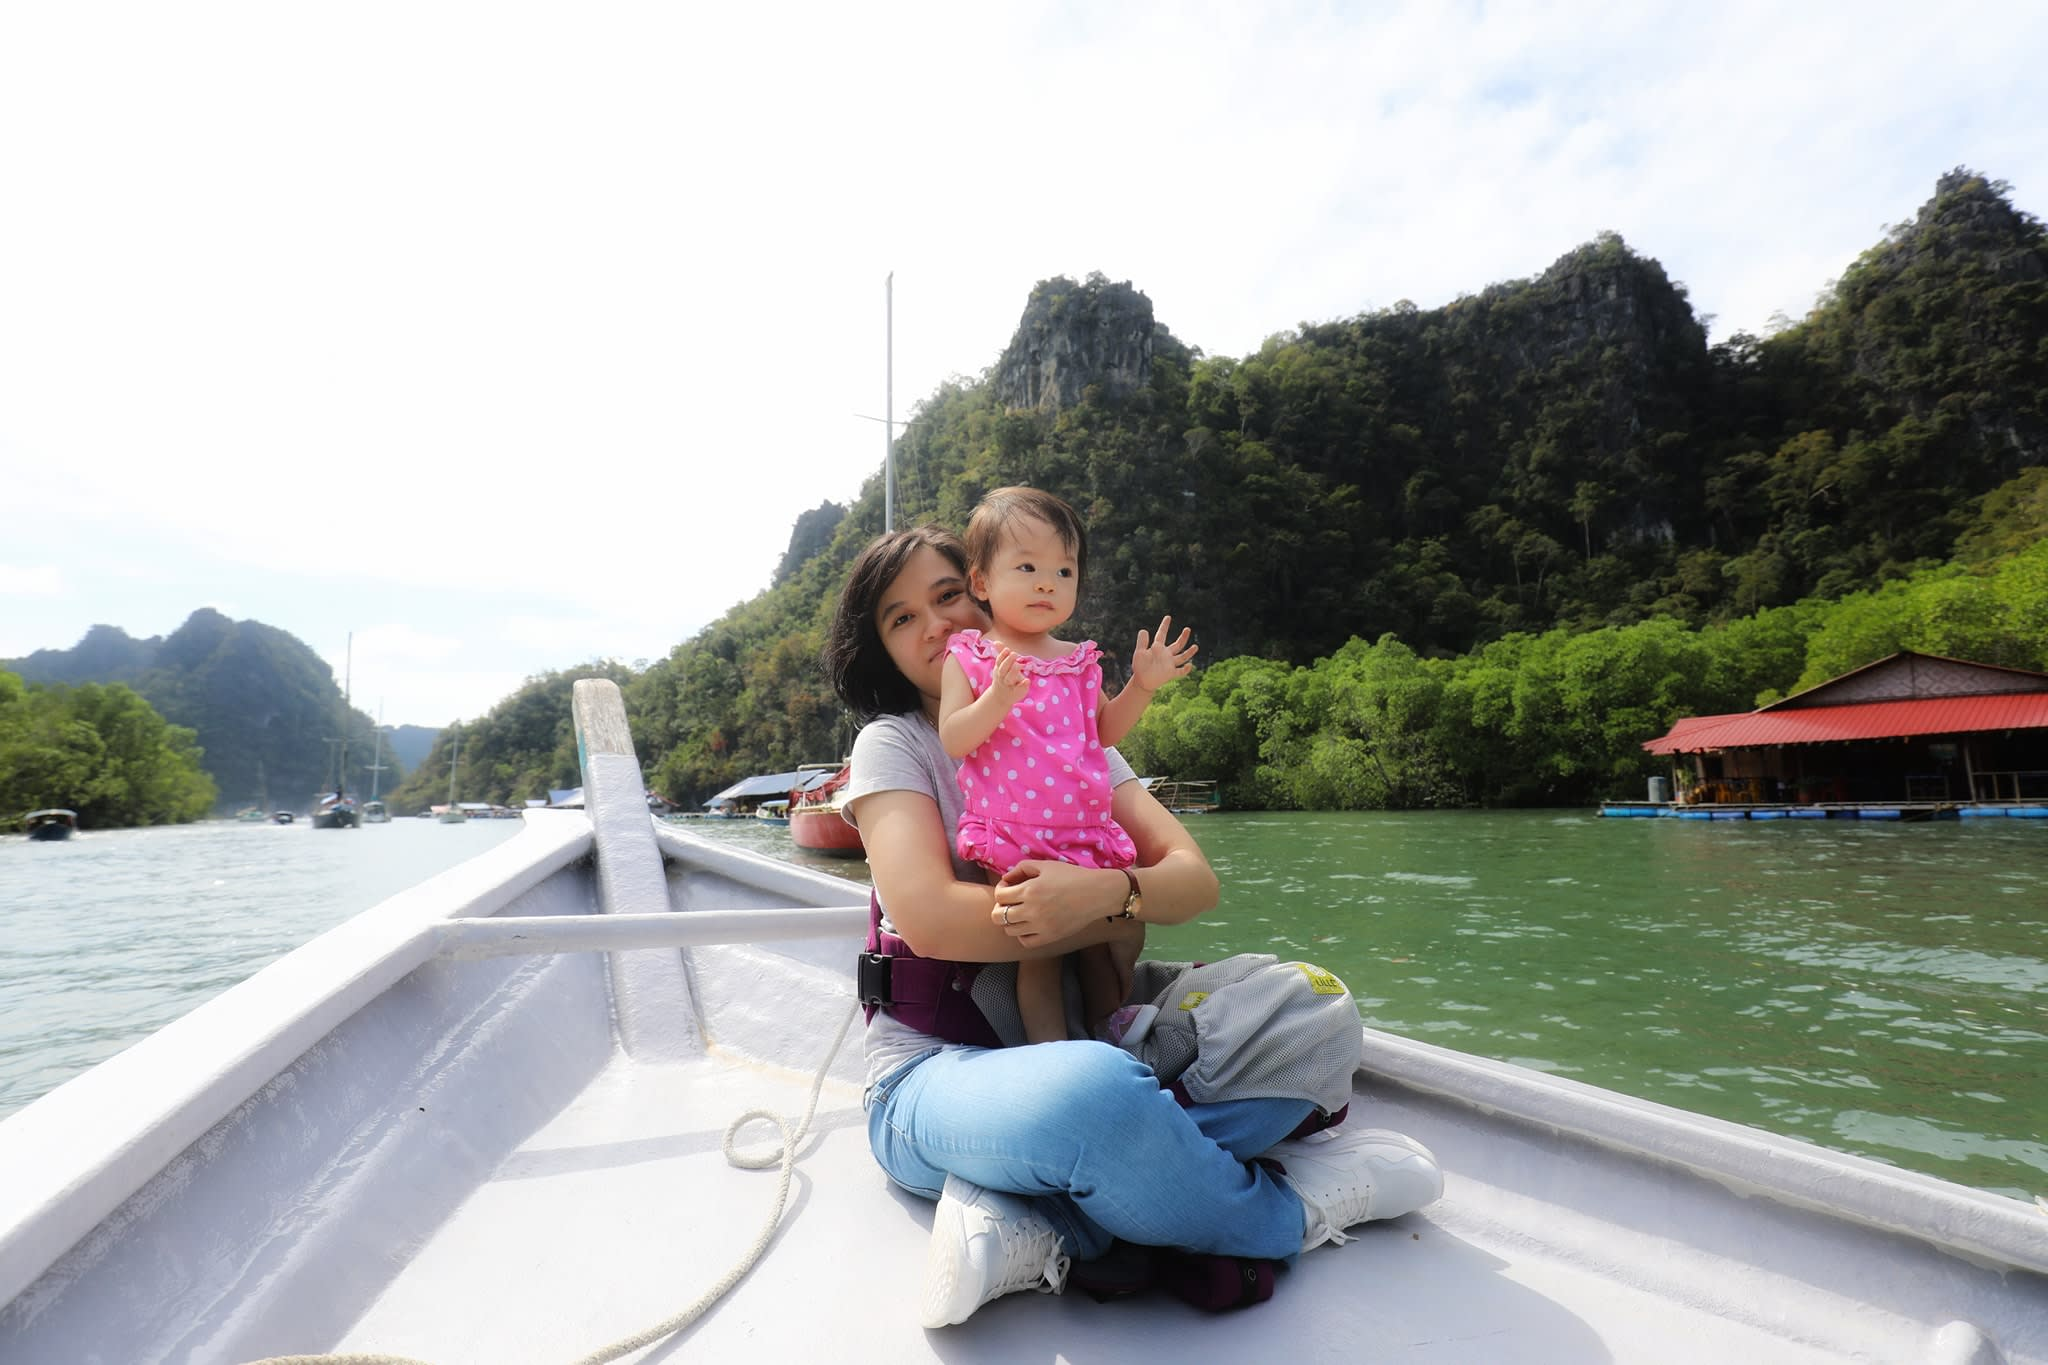 Kinh nghiệm khám phá Langkawi, Malaysia dành cho gia đình có trẻ nhỏ 3